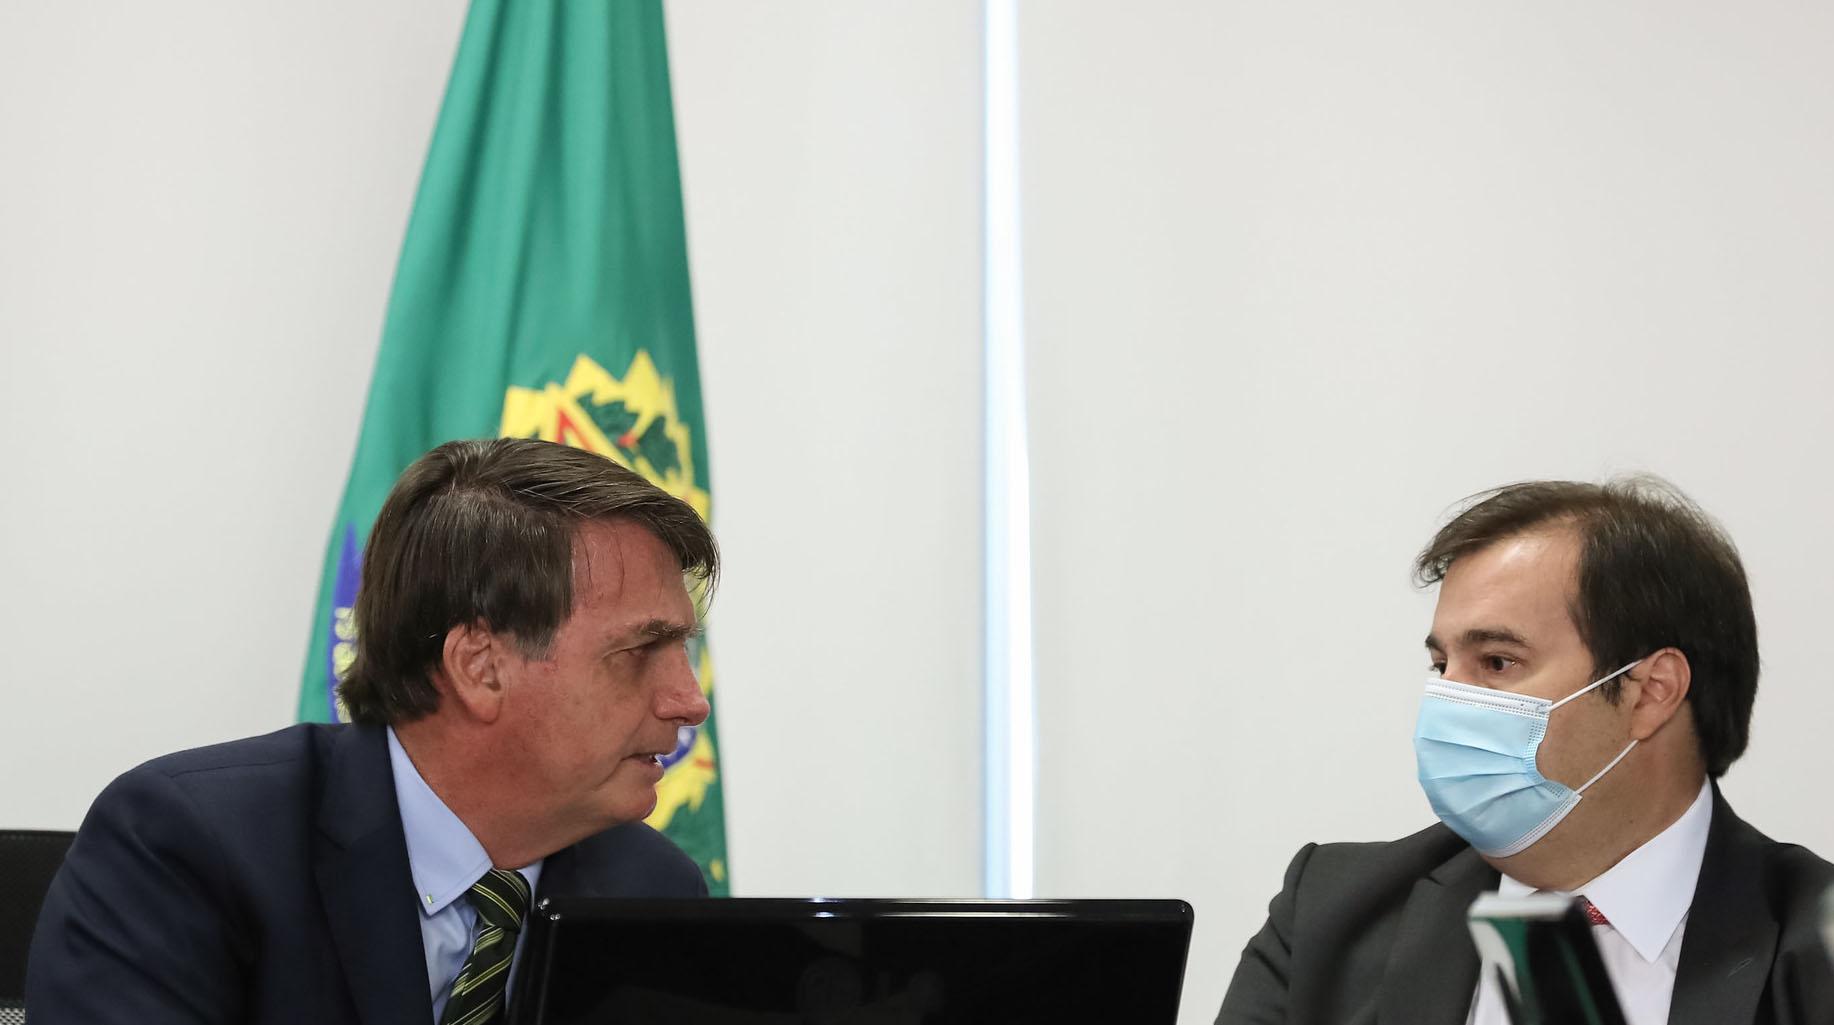 20.05.2020 - Brasília/DF - Jair Bolsonaro e Rodrigo Maia se reúnem em videoconferência com governadores dos estados. Foto: Marcos Corrêa/PR.